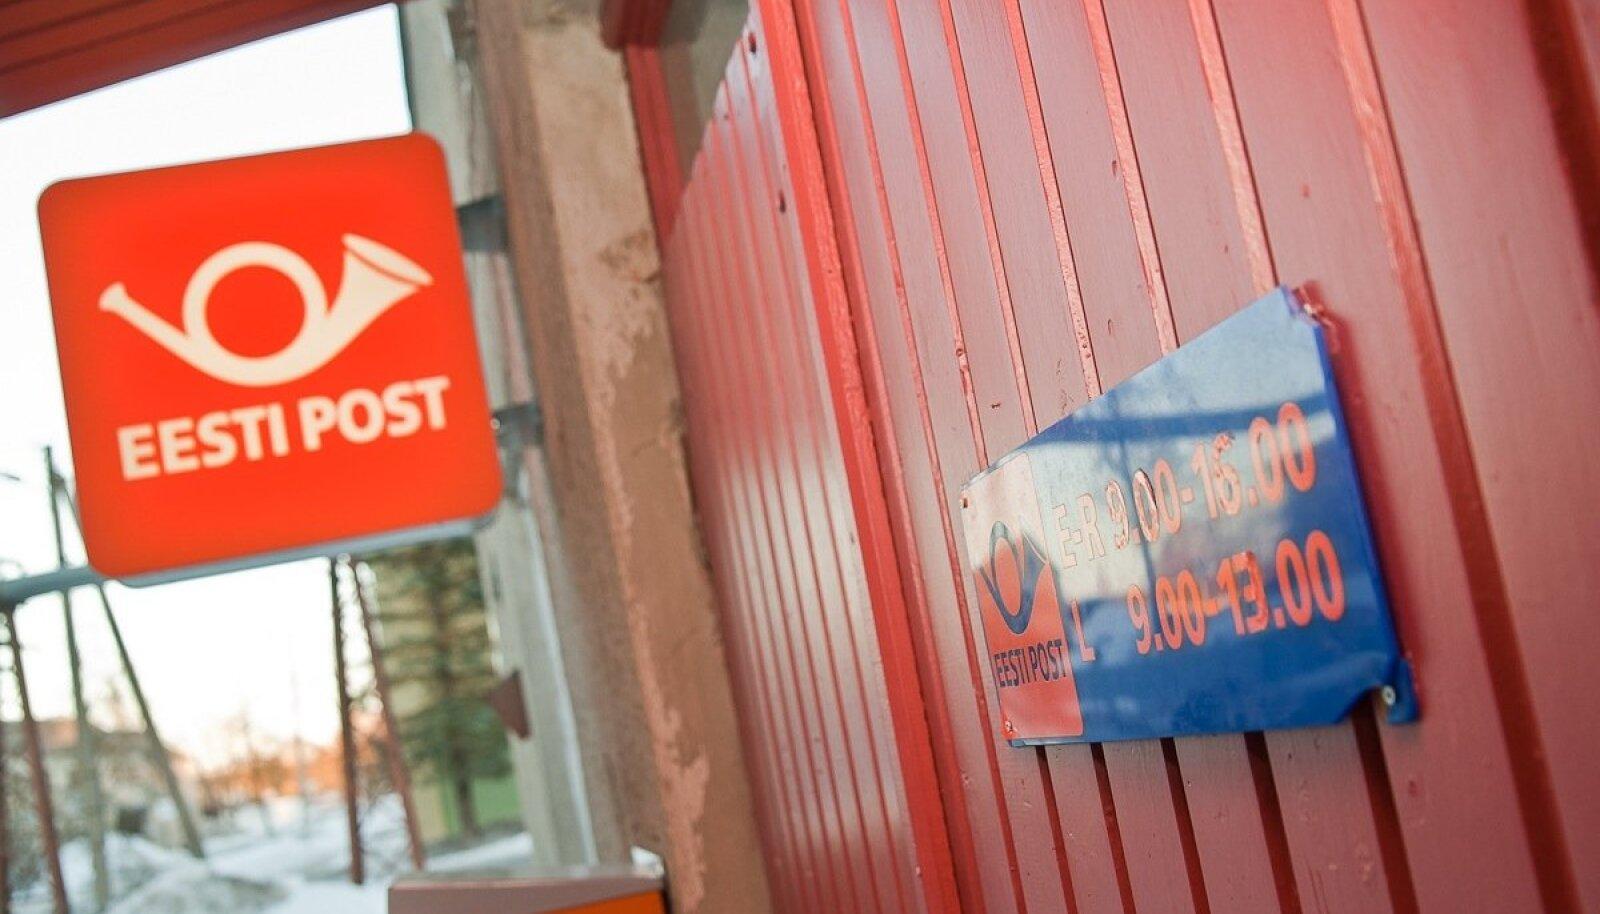 Sel aastal on läinud terve rida postkontoreid üle Eesti sulgemisele, need on asendatud pakiautomaatidega.